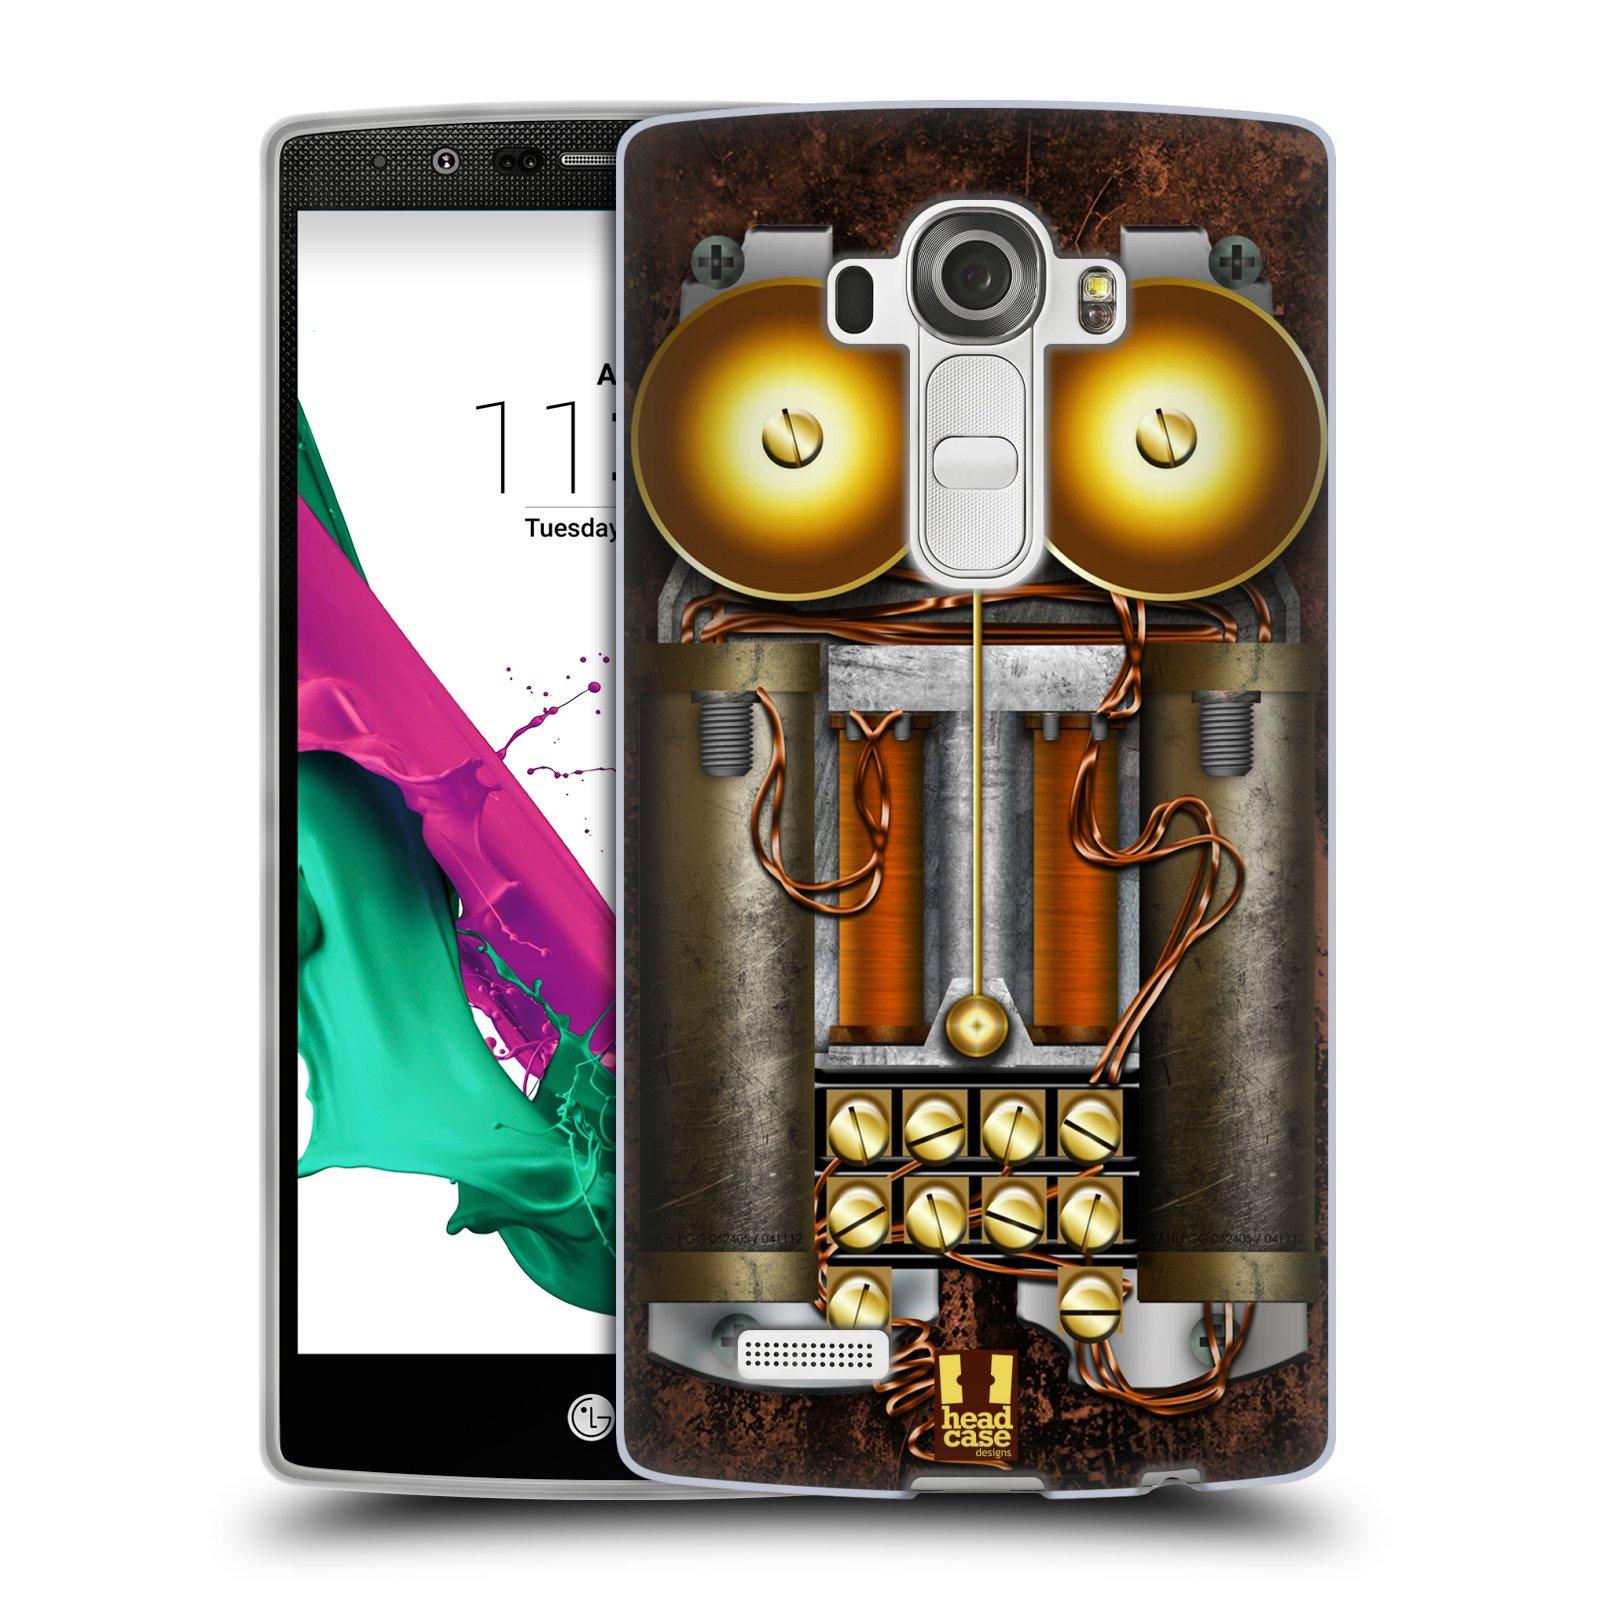 Silikonové pouzdro na mobil LG G4 HEAD CASE STEAMPUNK TELEFON (Silikonový kryt či obal na mobilní telefon LG G4 H815)